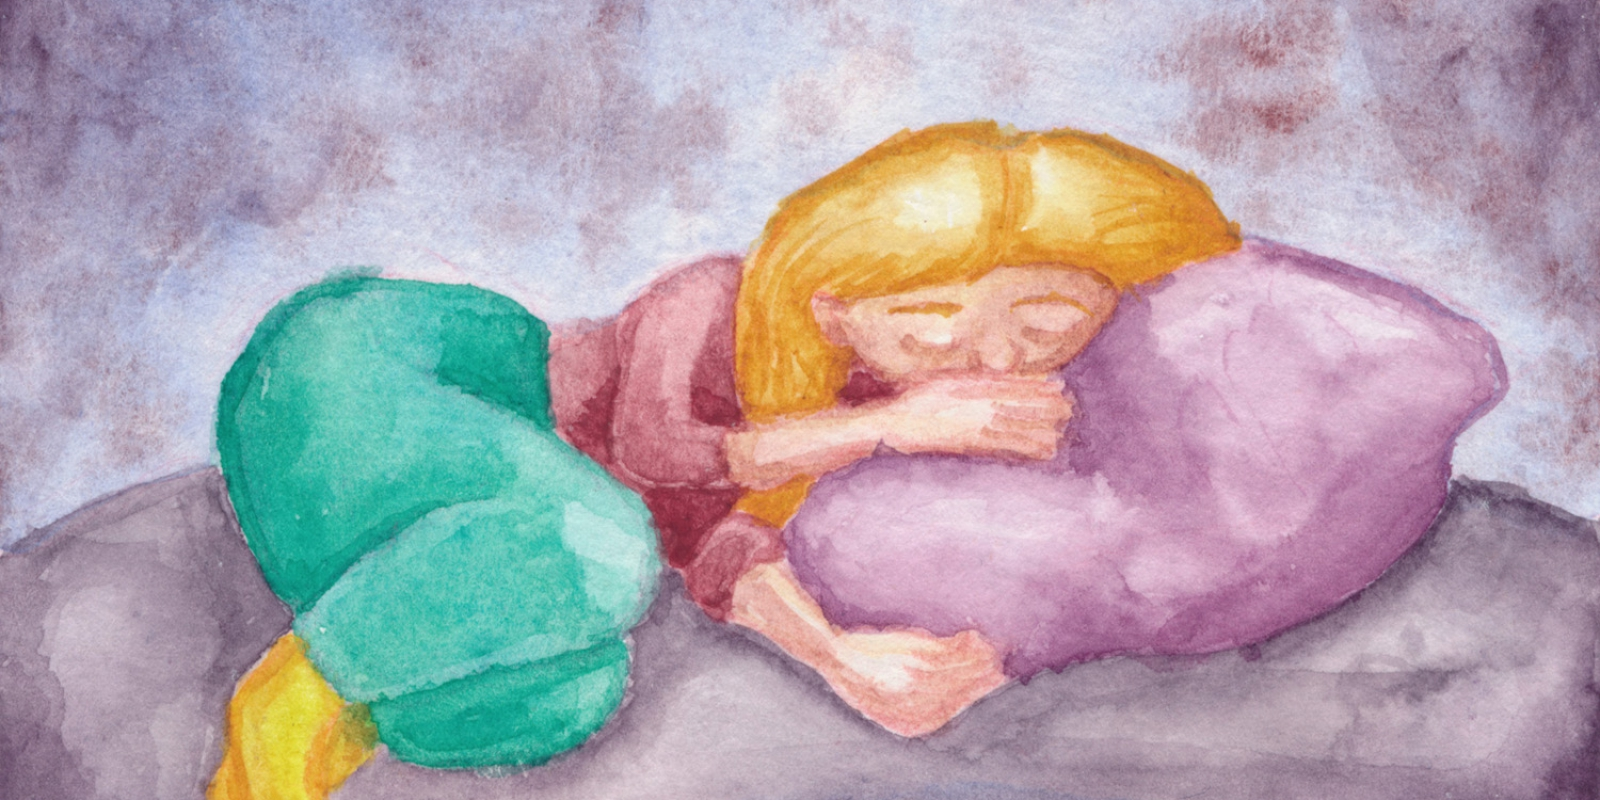 Een aquarel illustratie van een slapende vrouw die opgerold tegen een paars kussen aanligt.